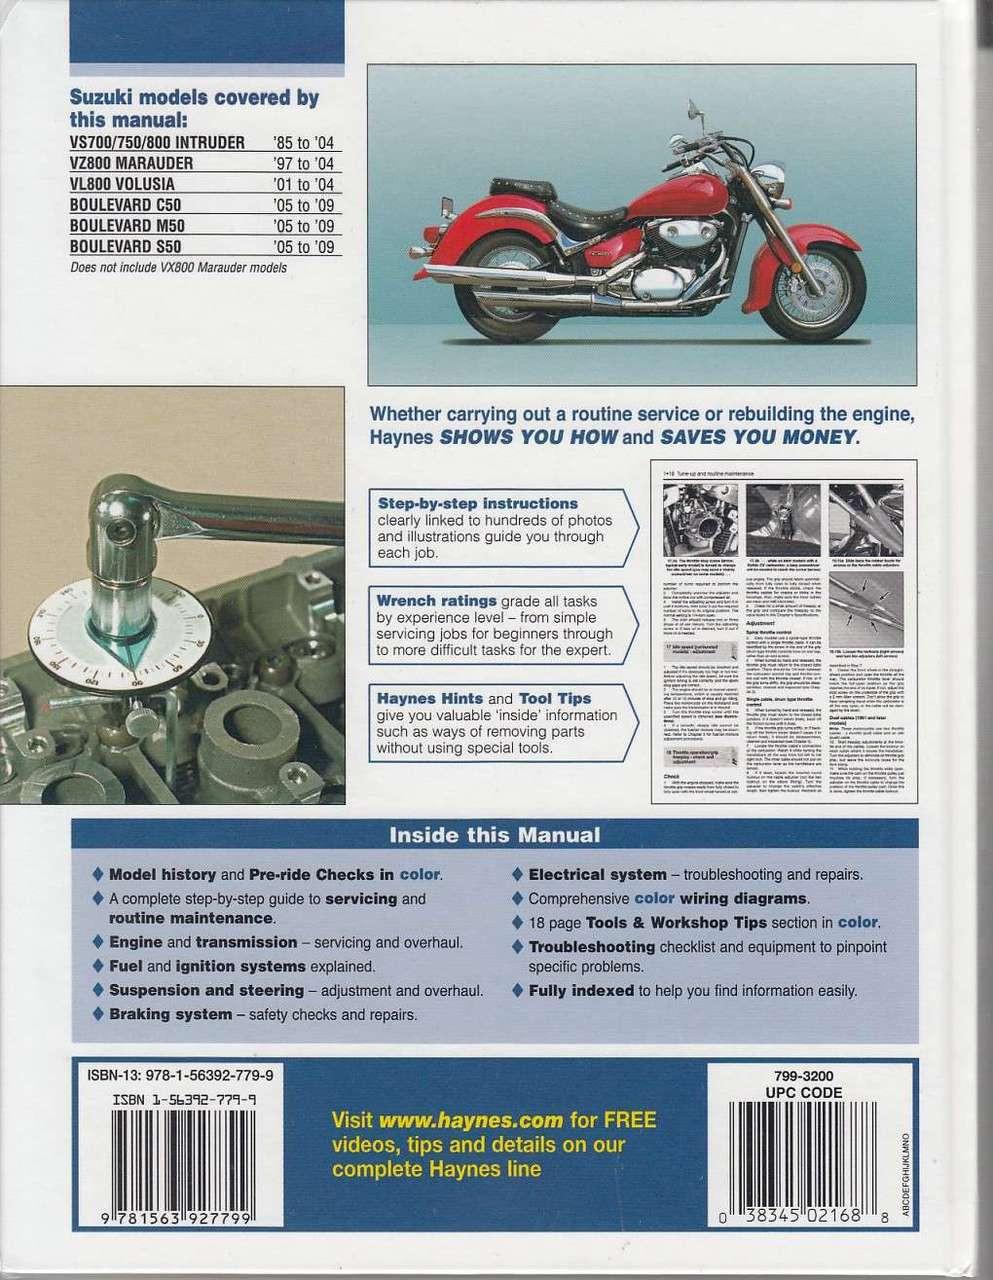 [XOTG_4463]  BEC 2009 Suzuki M50 Service Manuals | Wiring Library | 2009 Suzuki M50 Wiring Diagram |  | Wiring Library